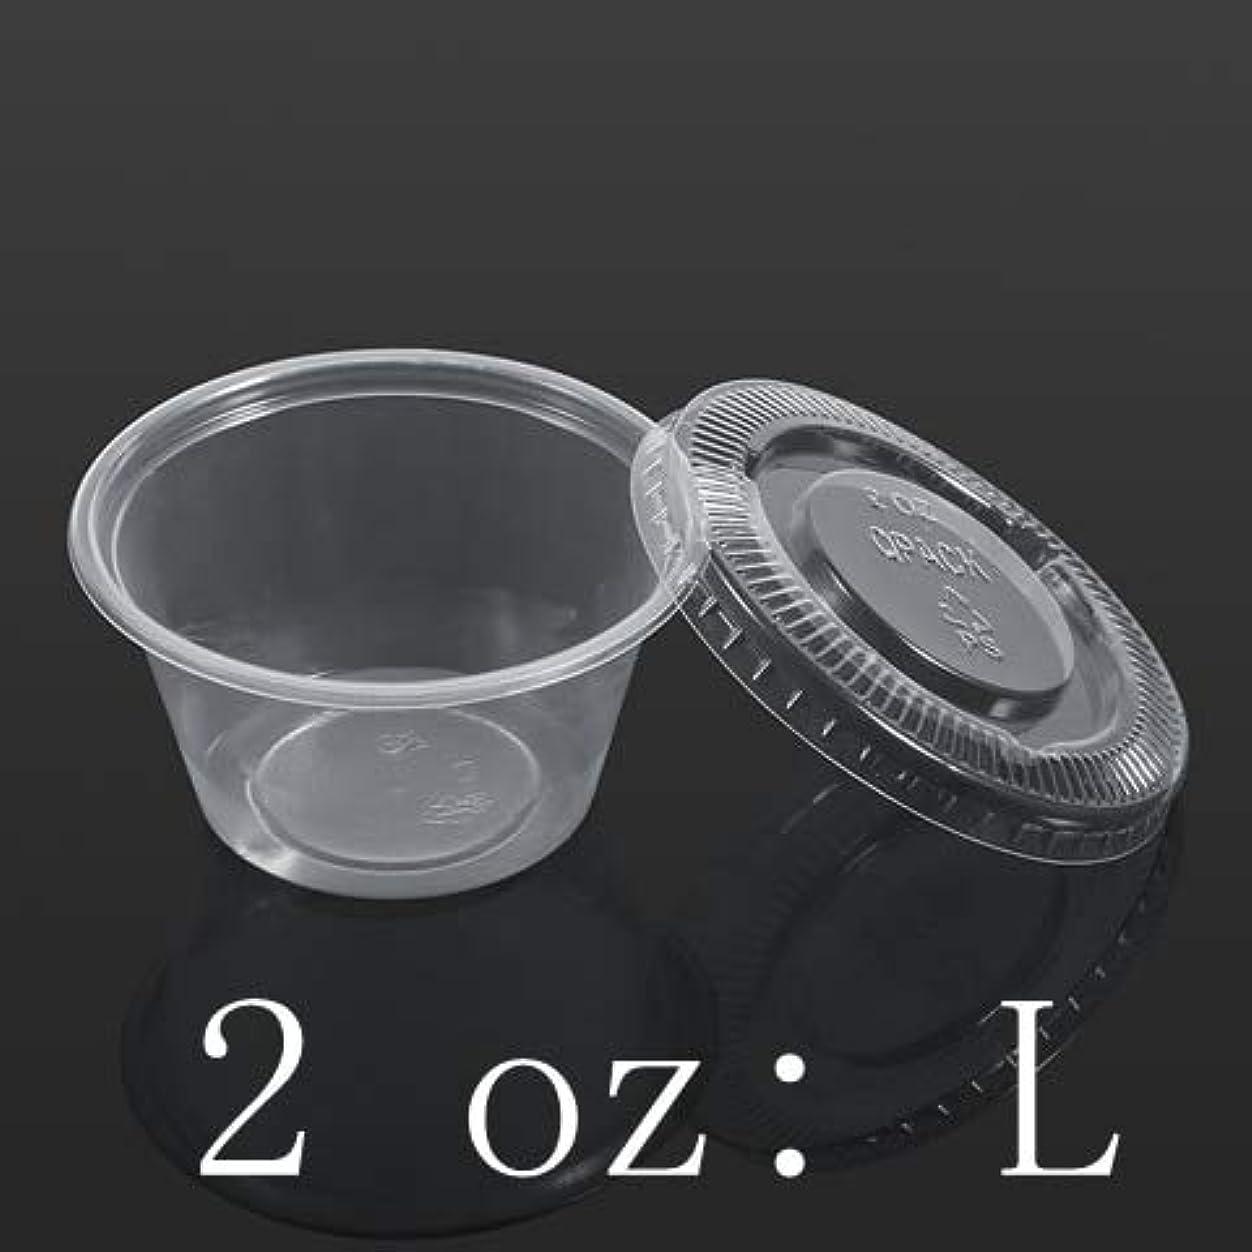 故意の鎖ボックスMaxcrestas - 蓋食品テイクアウトでMaxcrestas - 50pcsの醤油カップ使い捨てのプラスチック製のクリアソースチャツネカップボックス